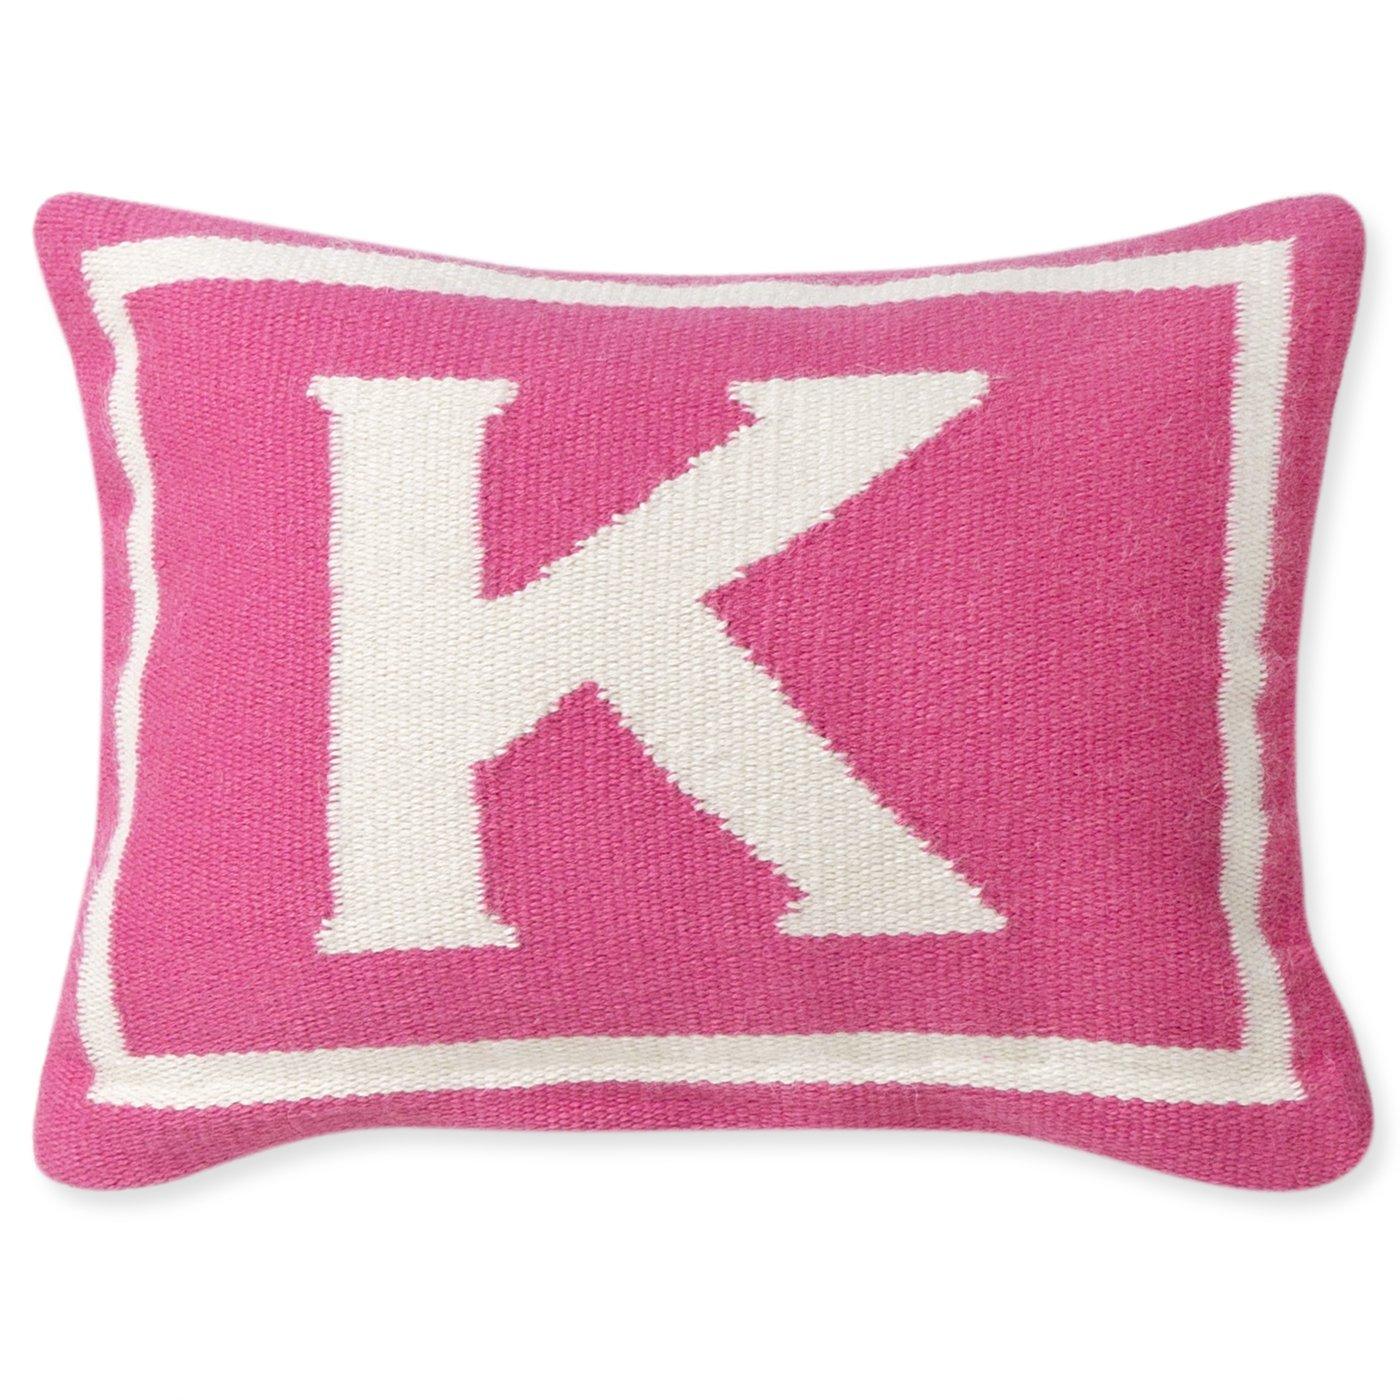 Jonathan Adler Letter Baby Pillow, Pink, Monogrammed K